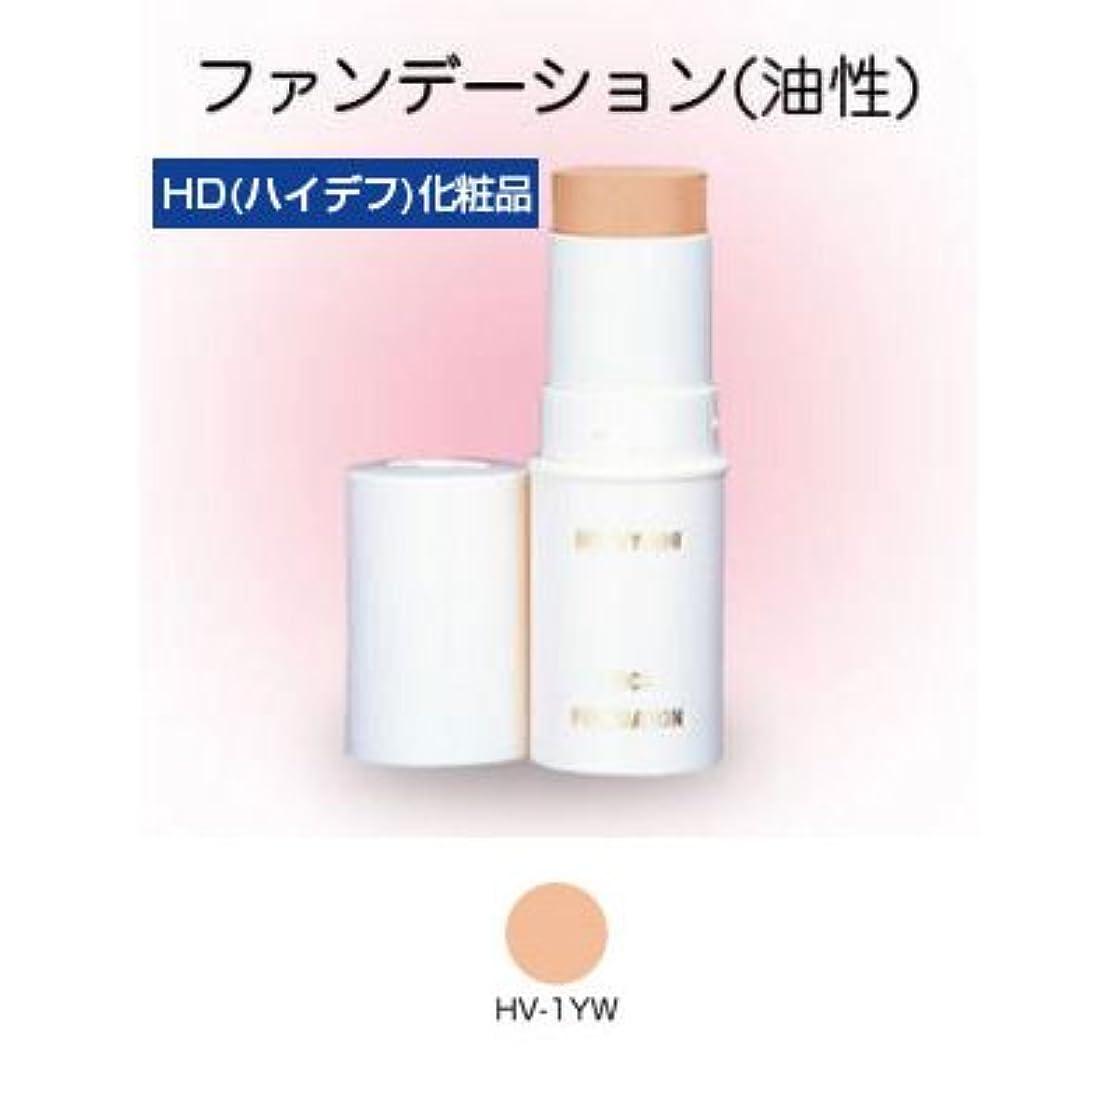 無条件バルクイースタースティックファンデーション HD化粧品 17g 1YW 【三善】